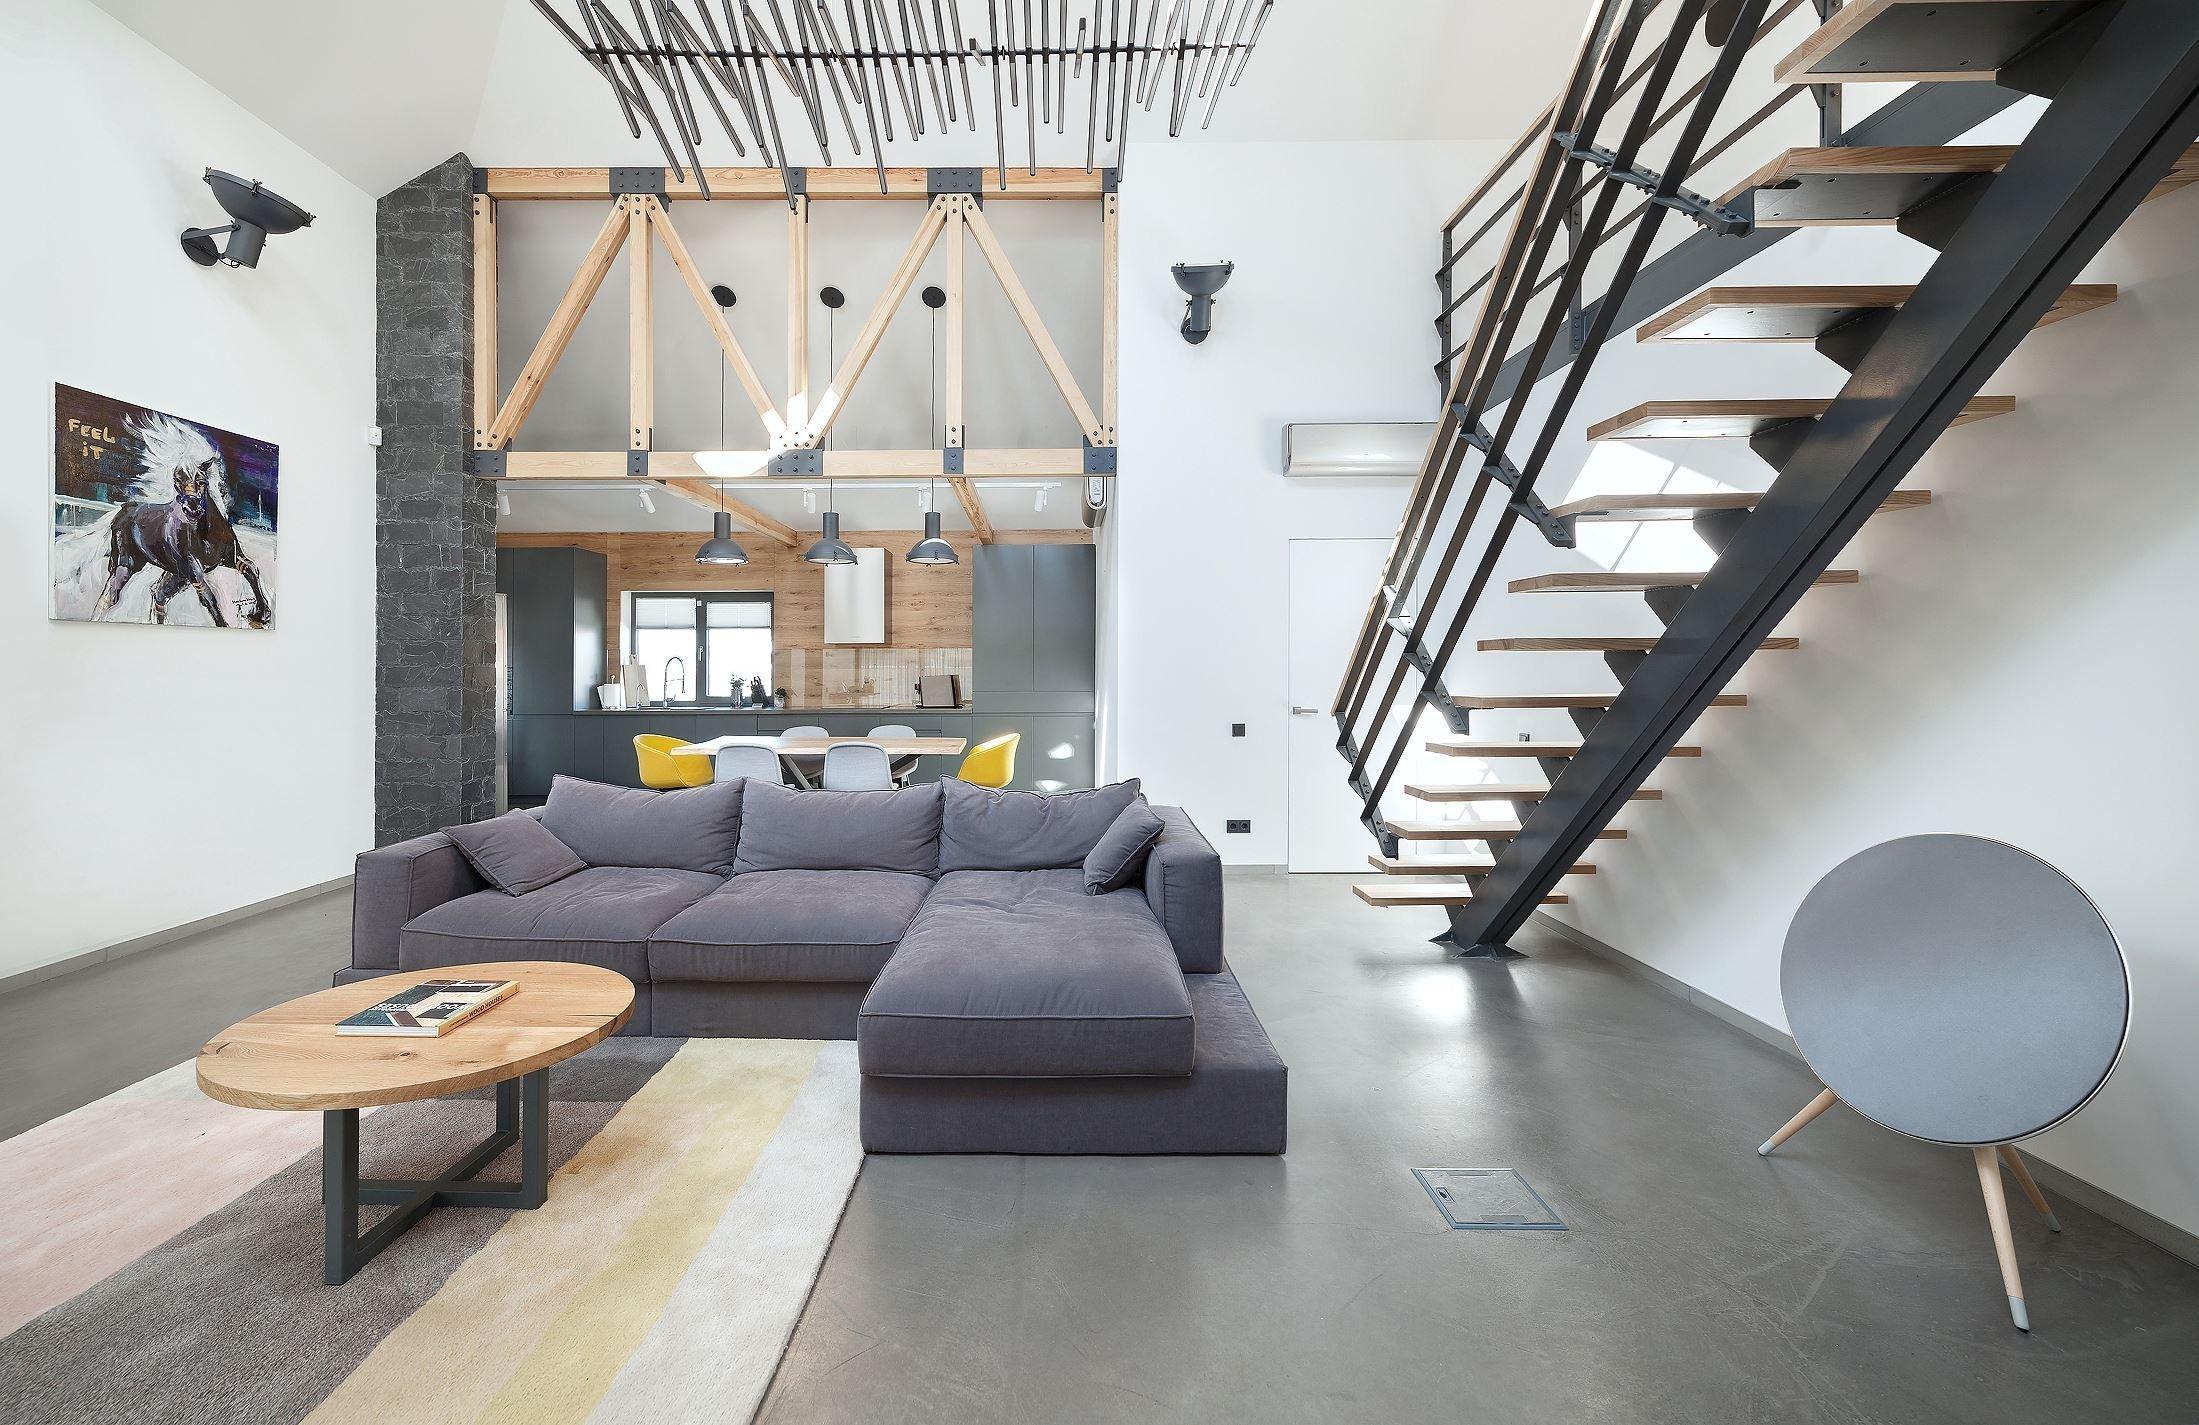 Otevřené prostory, moderní vybavení a dokonalá kombinace dřeva se šedou a bílou barvou. Přesně takto lze popsat zrekonstruovaný dům stojící na předměstí ukrajinského Kyjeva, na který se spolu dnes podíváme.